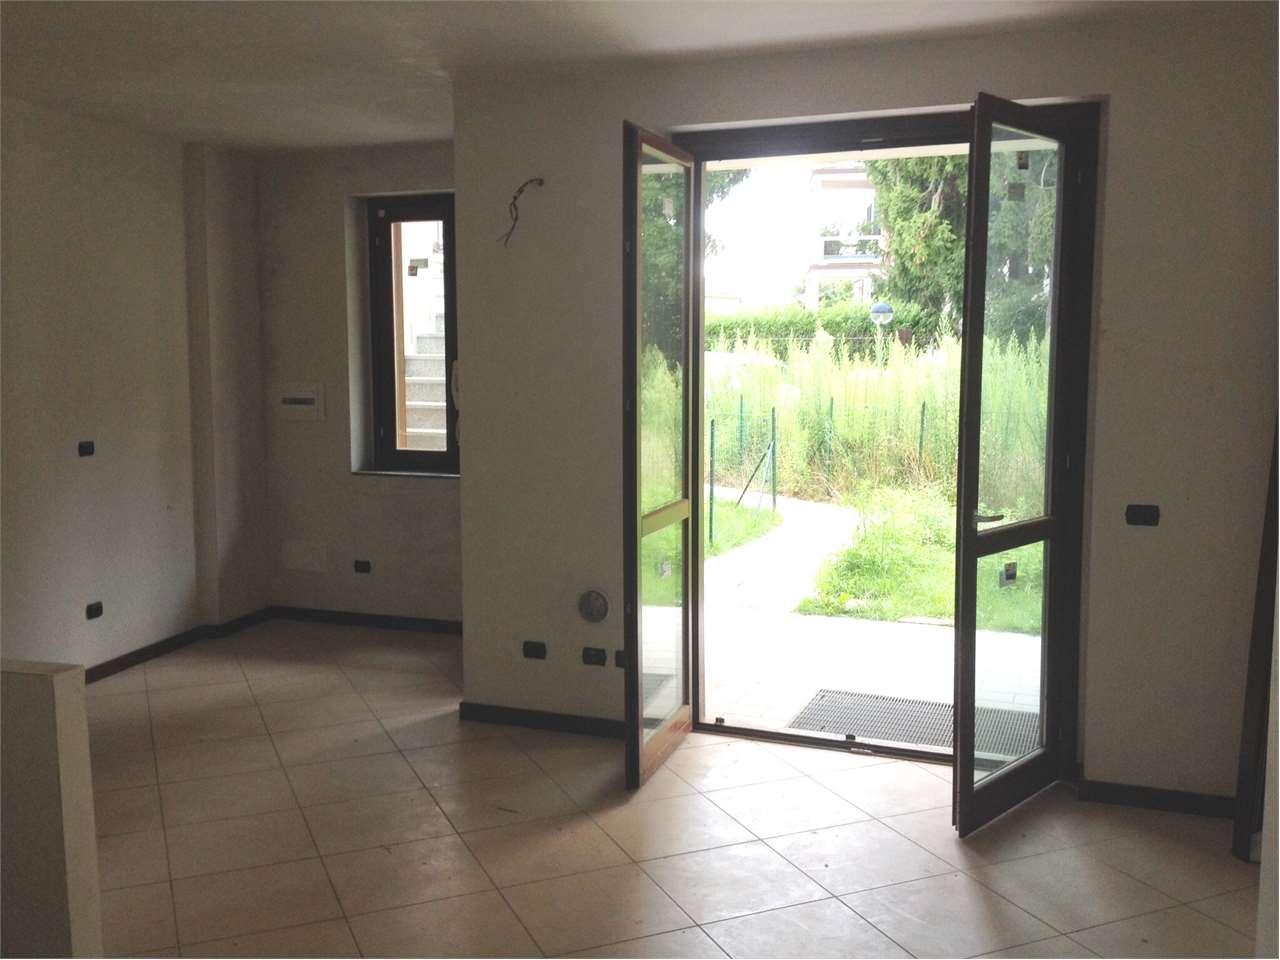 Appartamento in vendita a Varese, 2 locali, zona Località: Ospedale, prezzo € 150.000 | CambioCasa.it